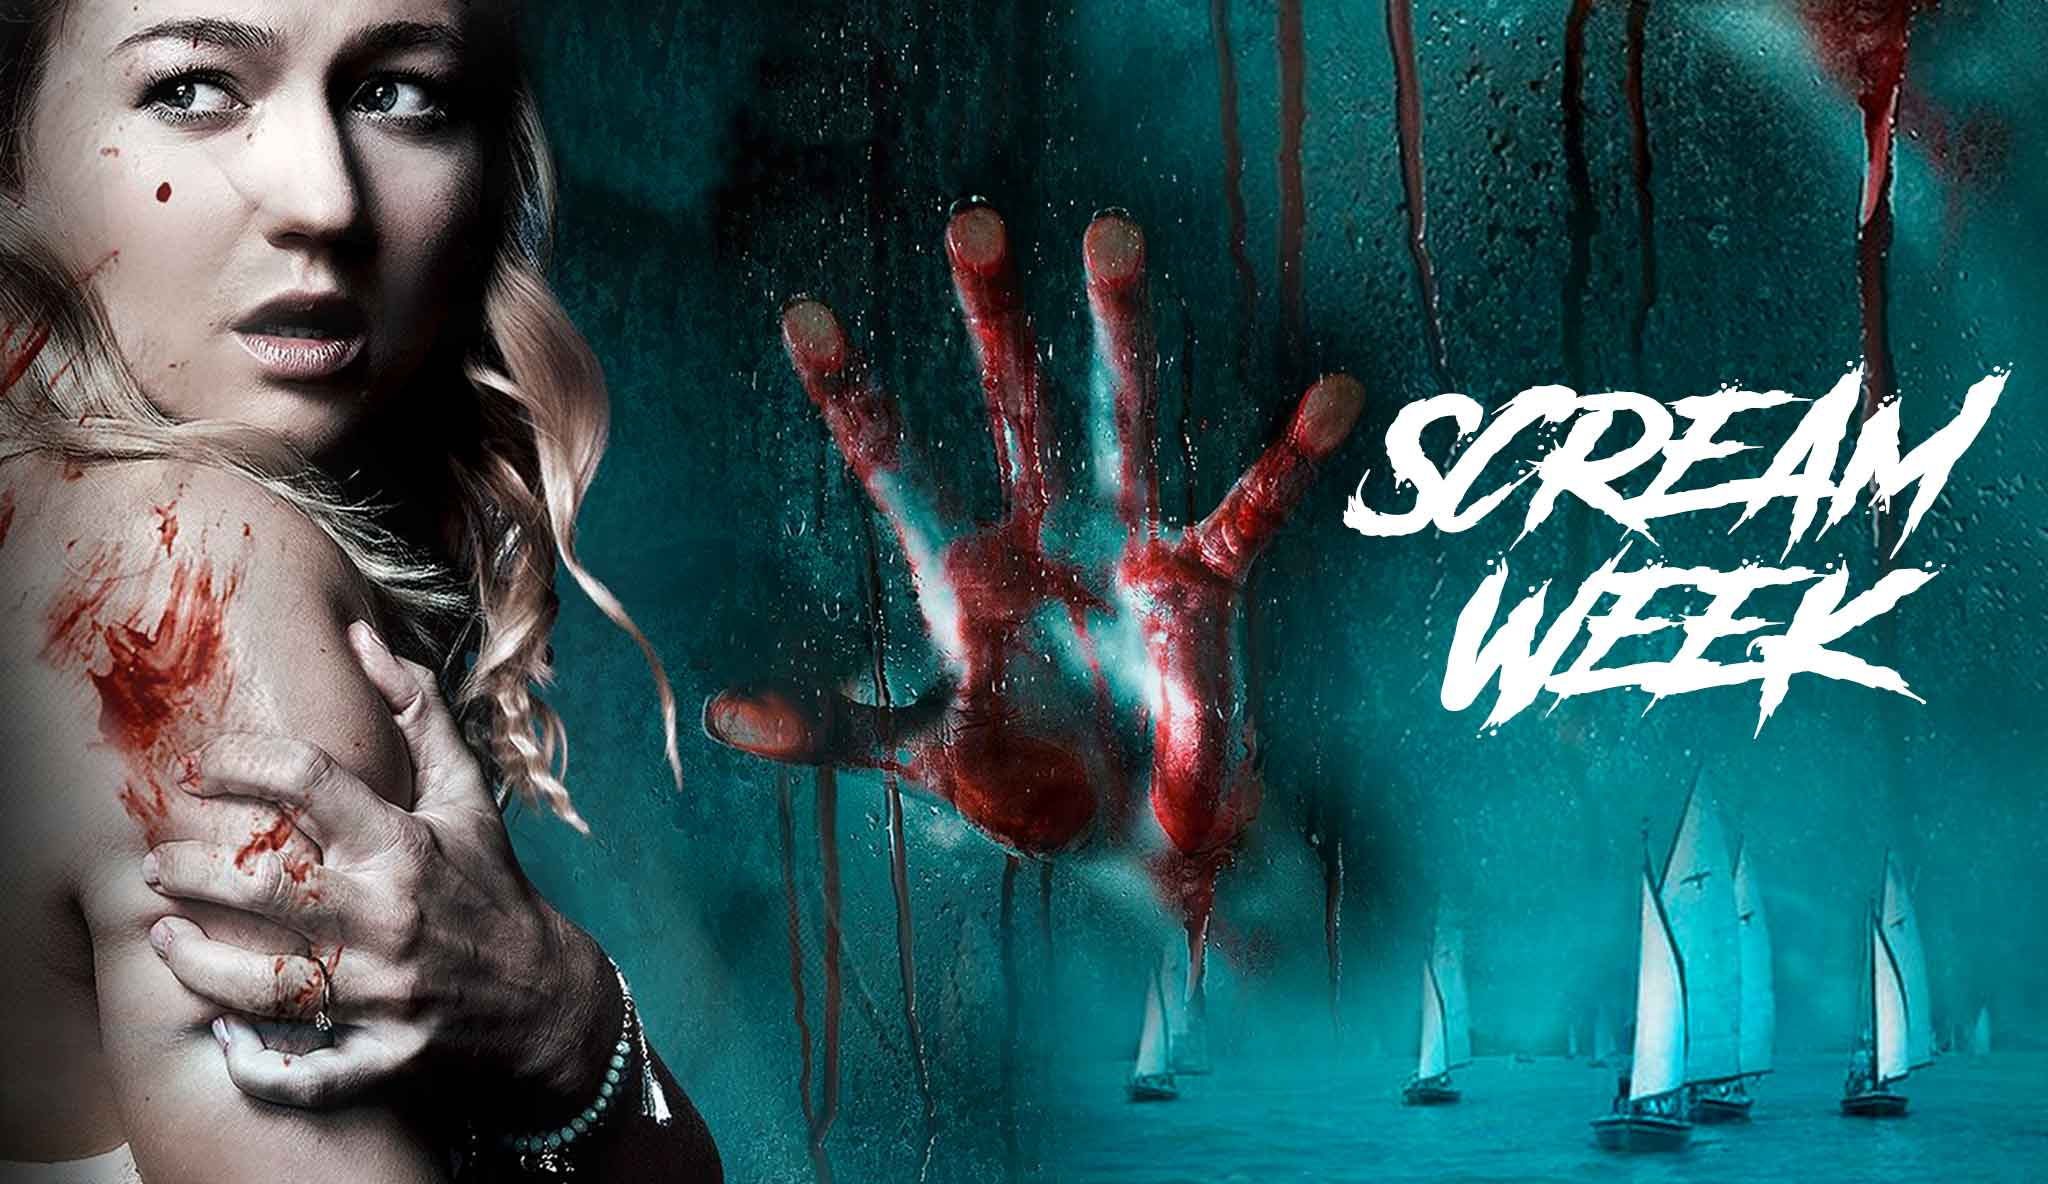 scream-week\header.jpg